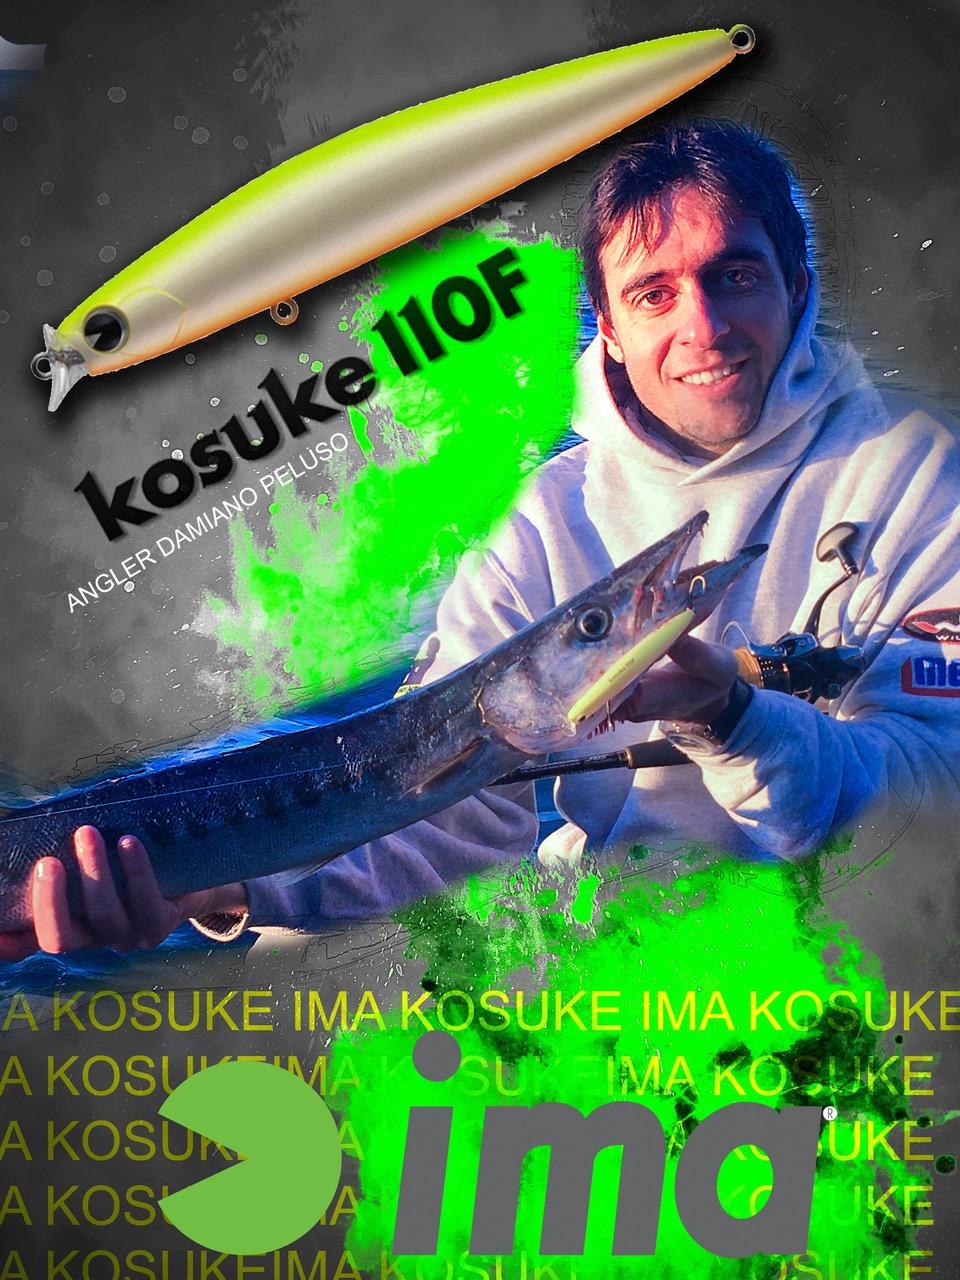 IMA KOSUKE